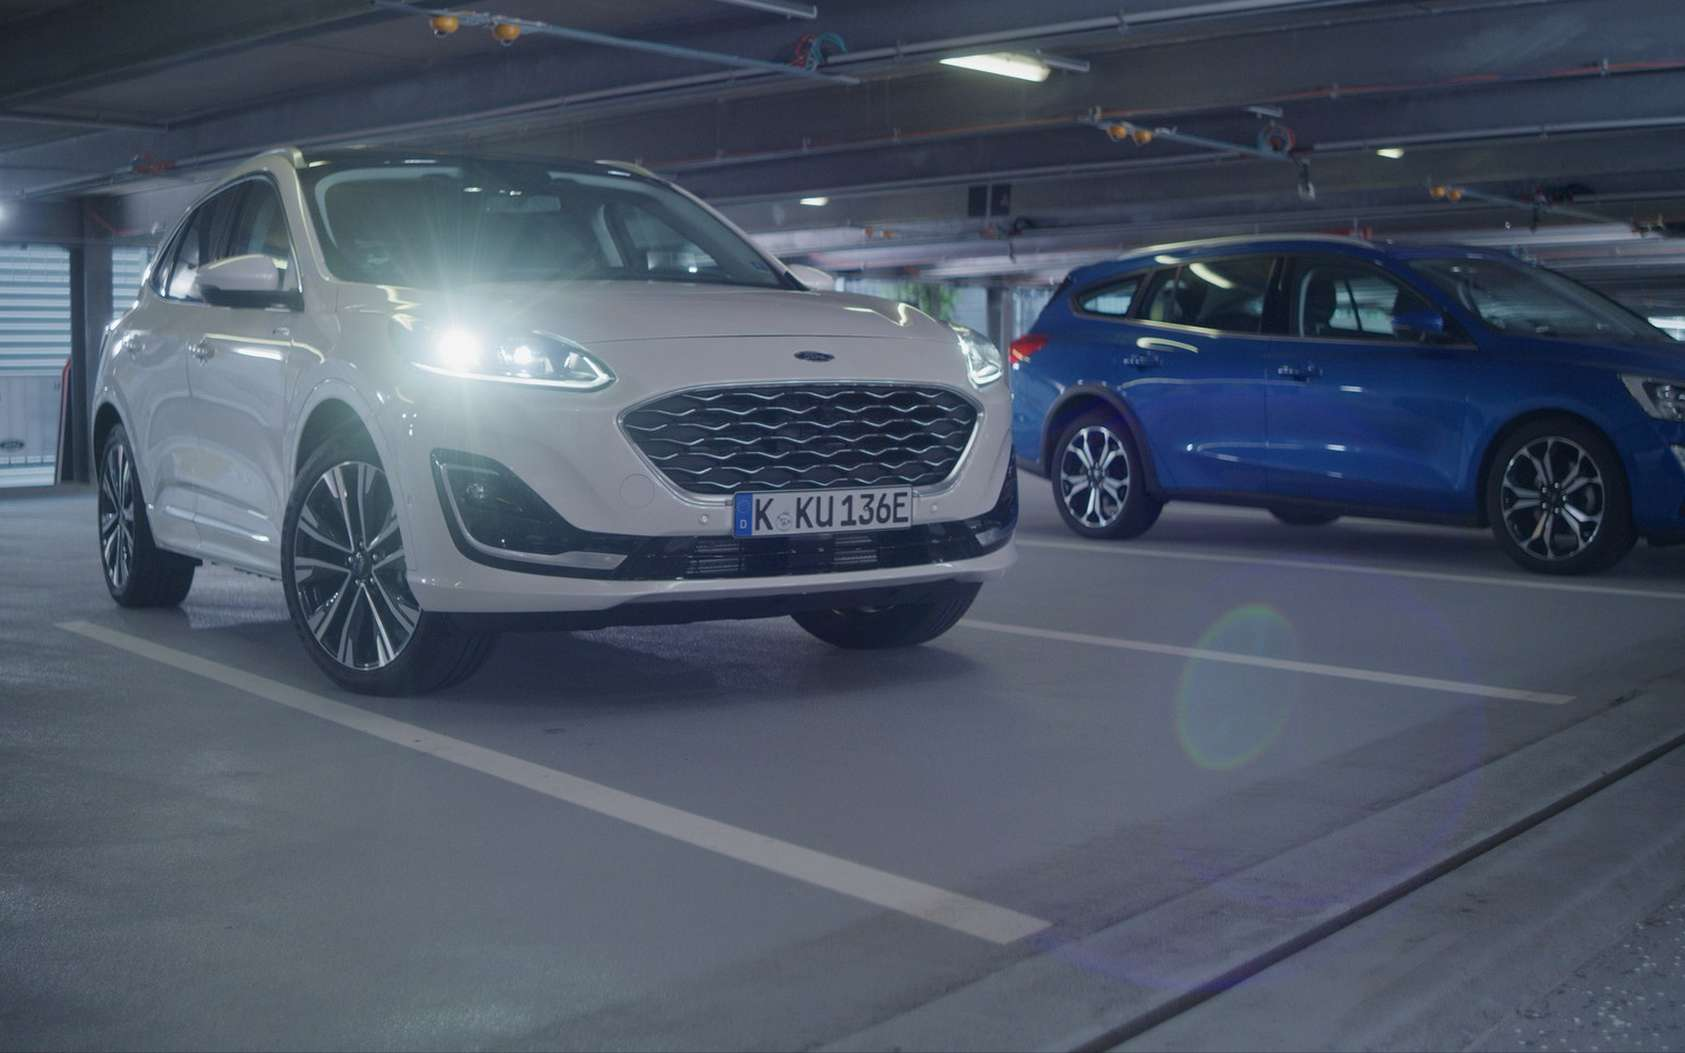 Le voiturier automatisé conçu par Ford s'appuie sur un dispositif de conduite autonome et un réseau de capteurs disséminés dans les bâtiments qui communiquent avec le véhicule. © Ford